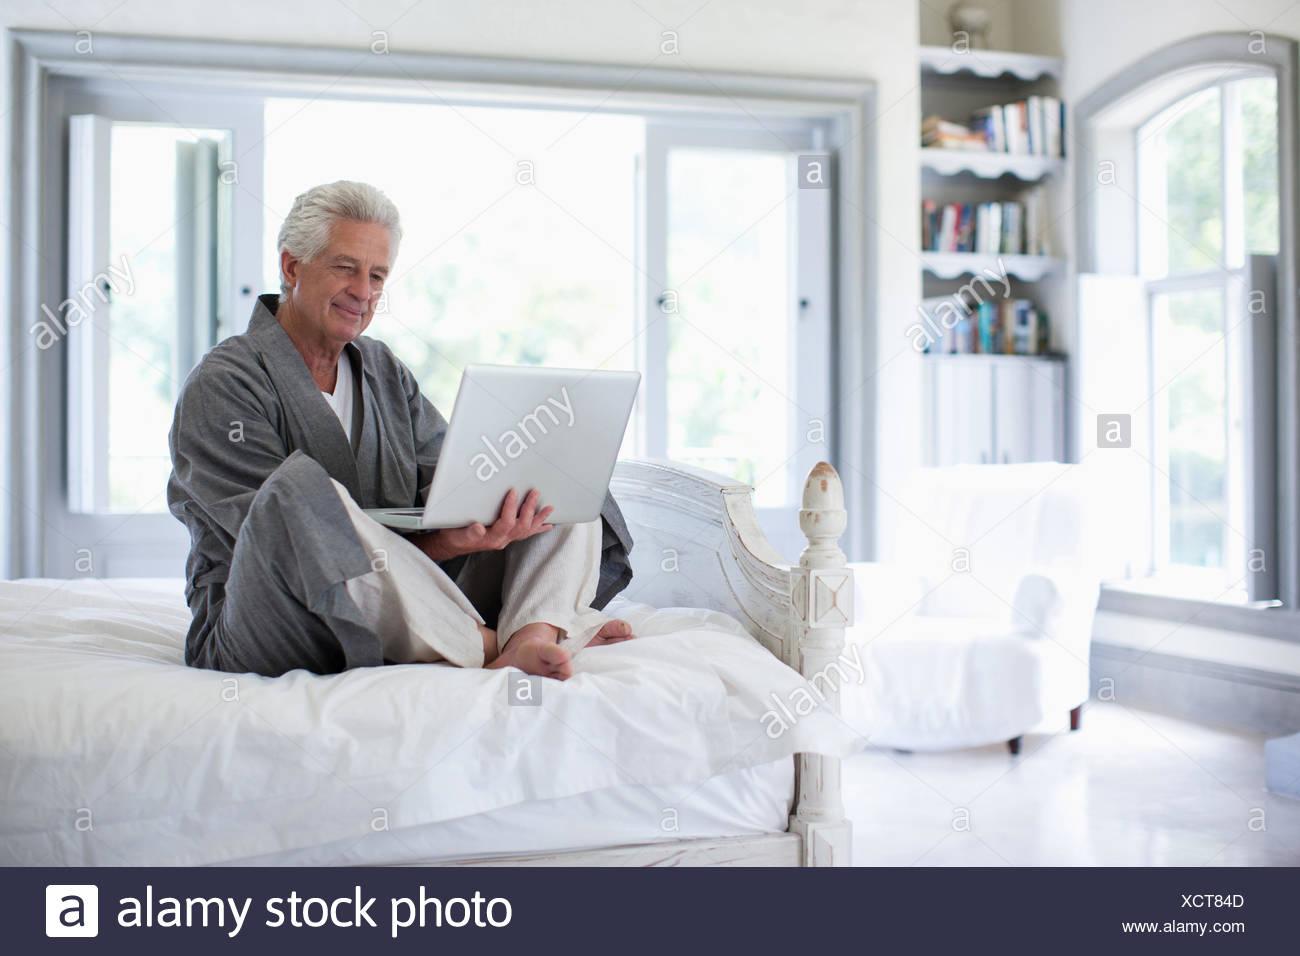 Man en peignoir à l'aide d'un coffre dans la chambre Photo Stock